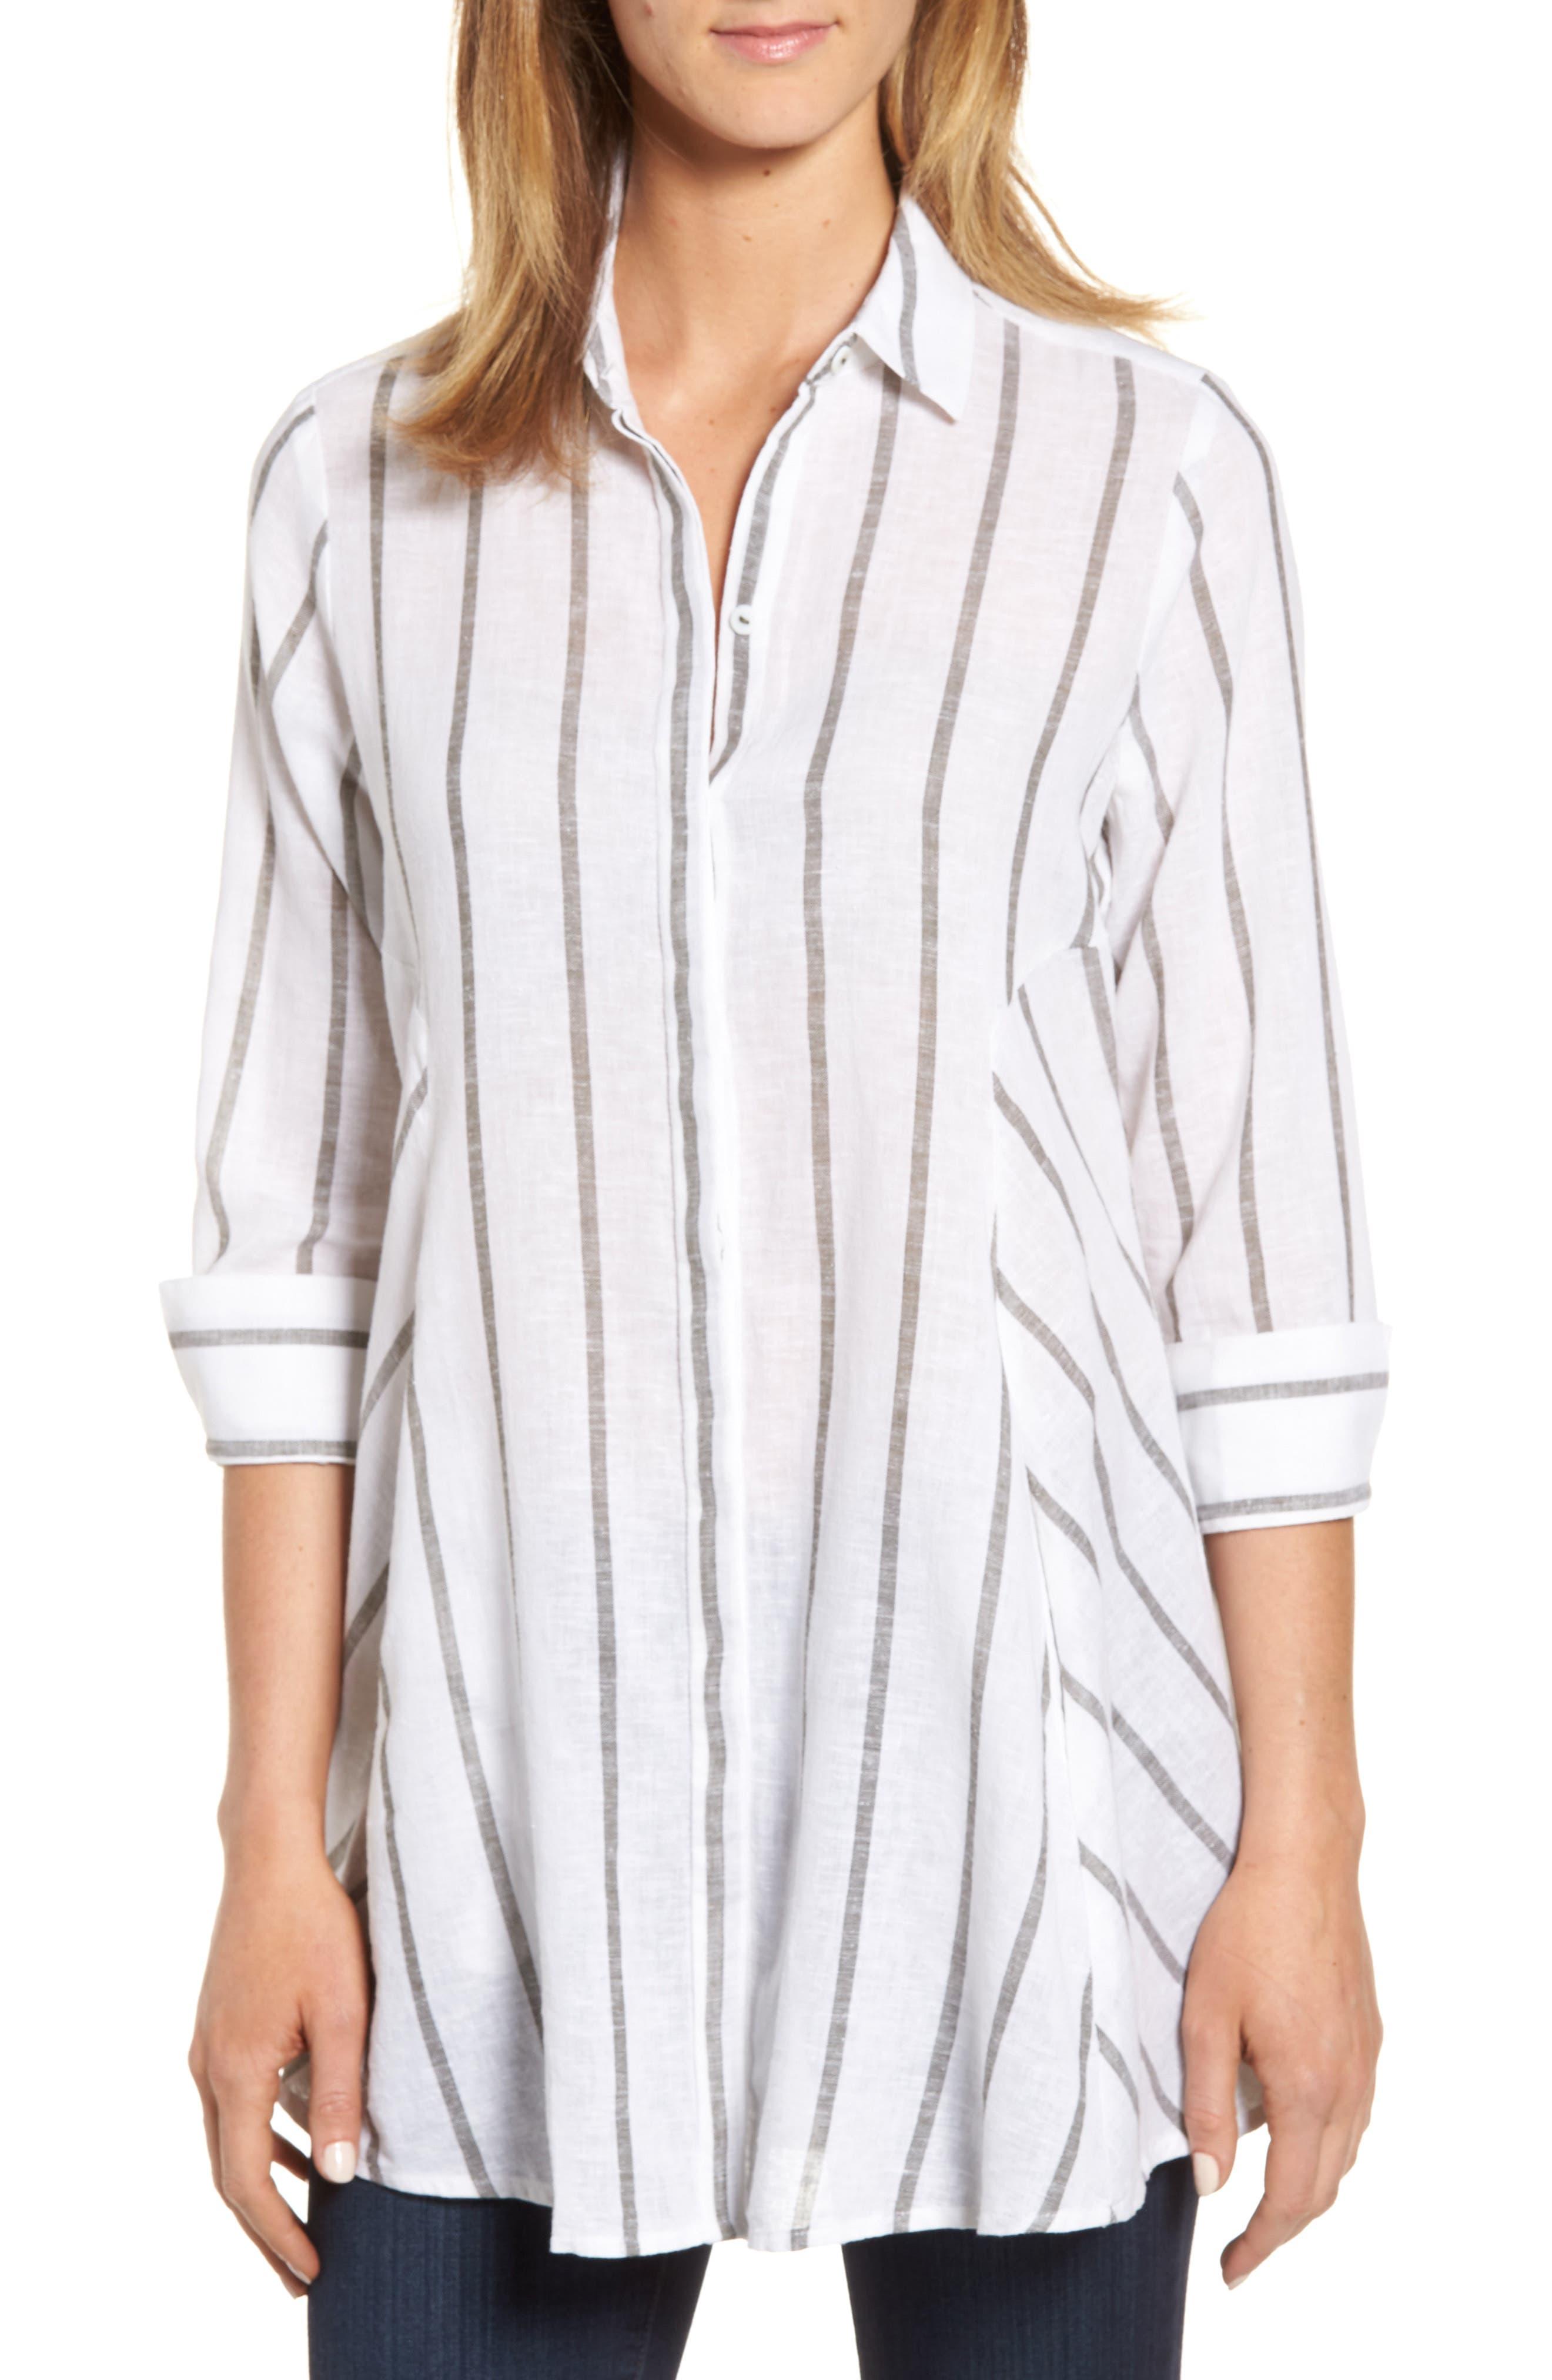 Stripe Tunic Shirt,                             Main thumbnail 1, color,                             White/ Olive